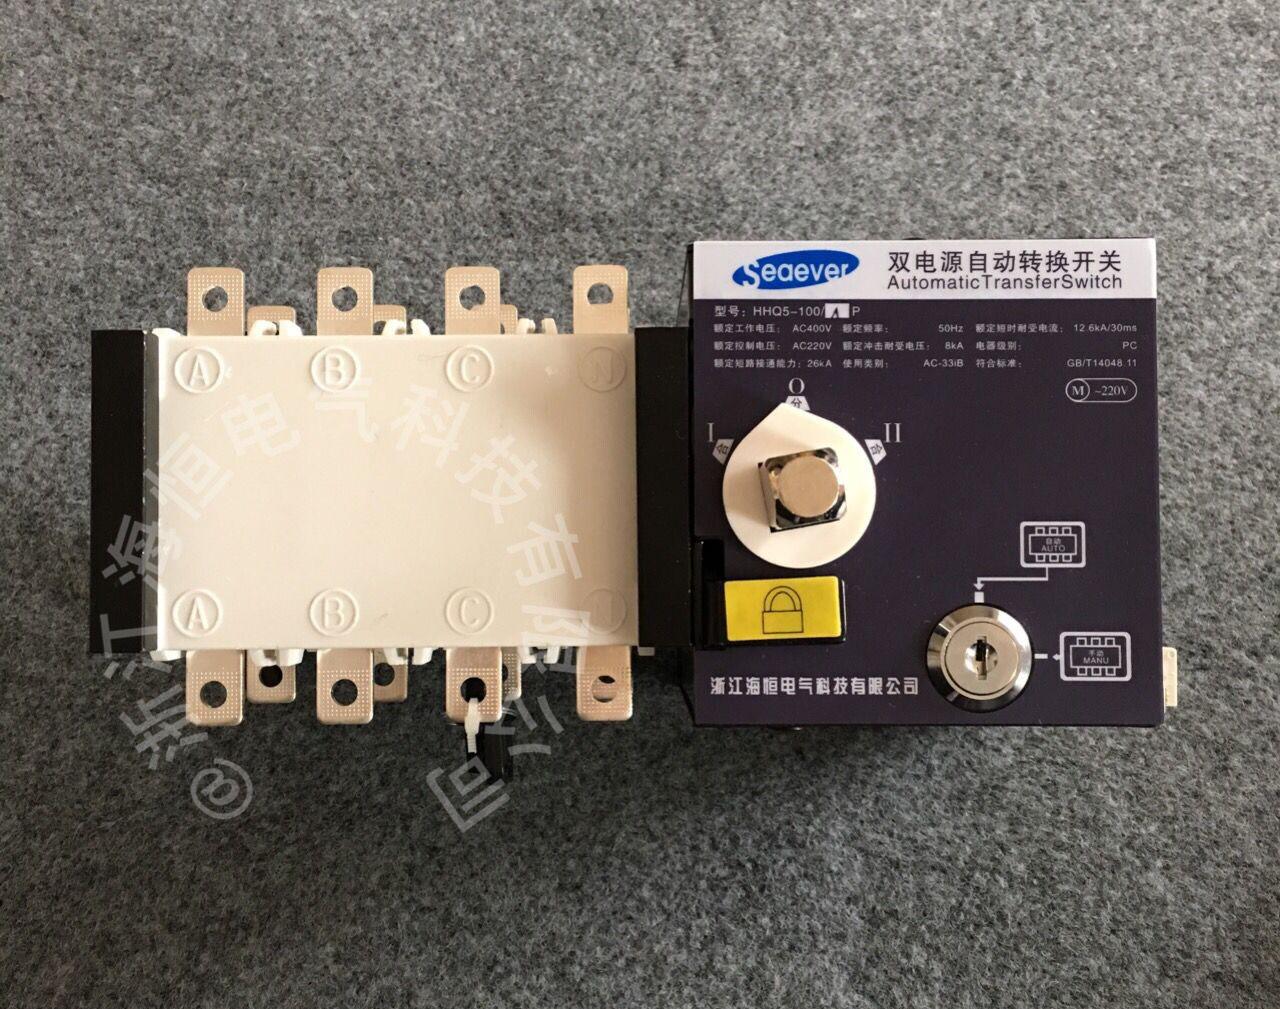 沈阳斯沃型双电源 HHQ5-100 三极/四极自动切换开关PC级双电源